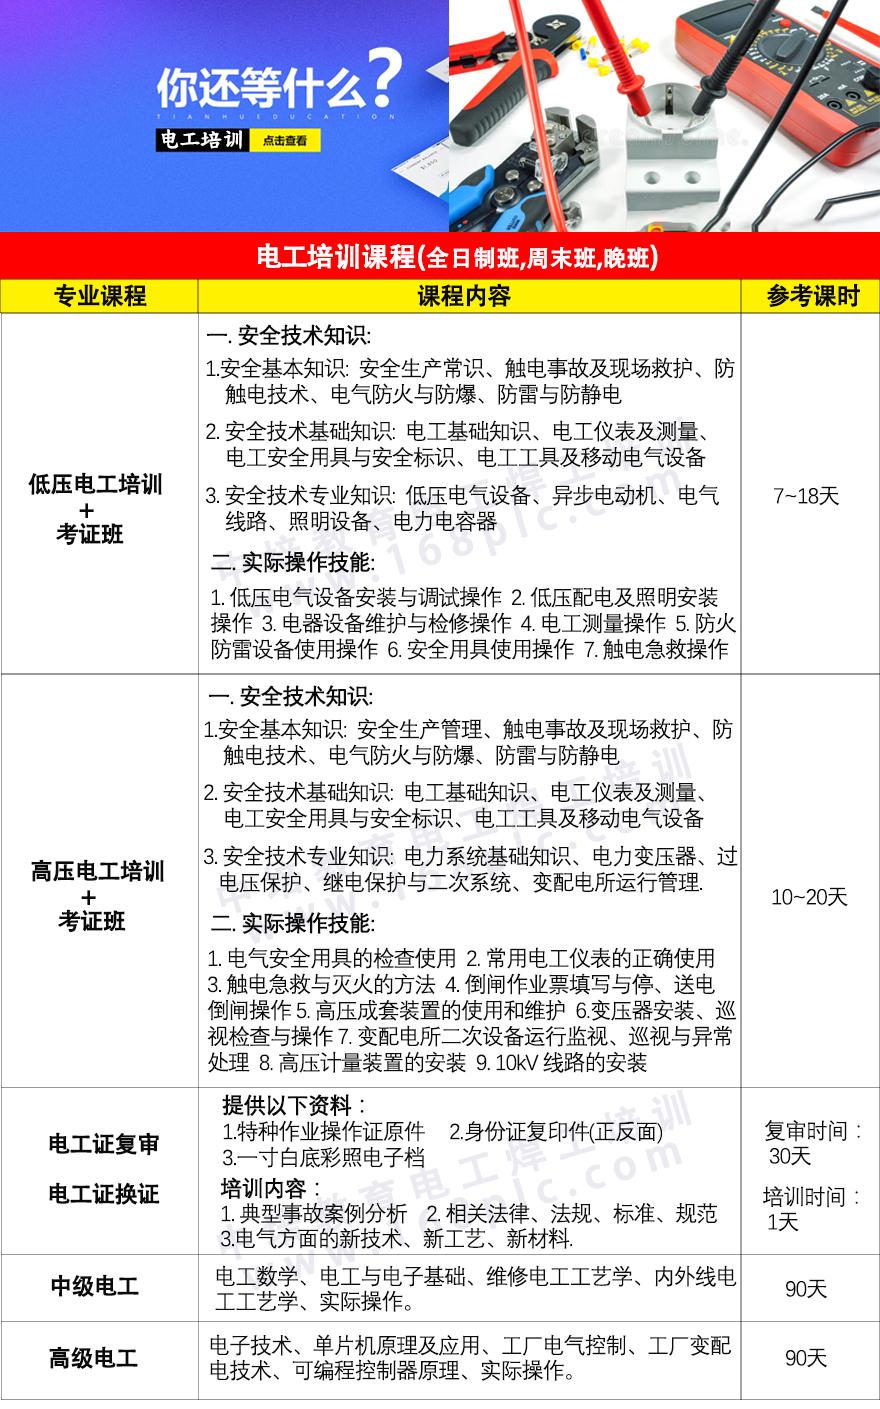 东莞电工操作证IC卡-电工证办理-到中培教育,政府补贴1200元